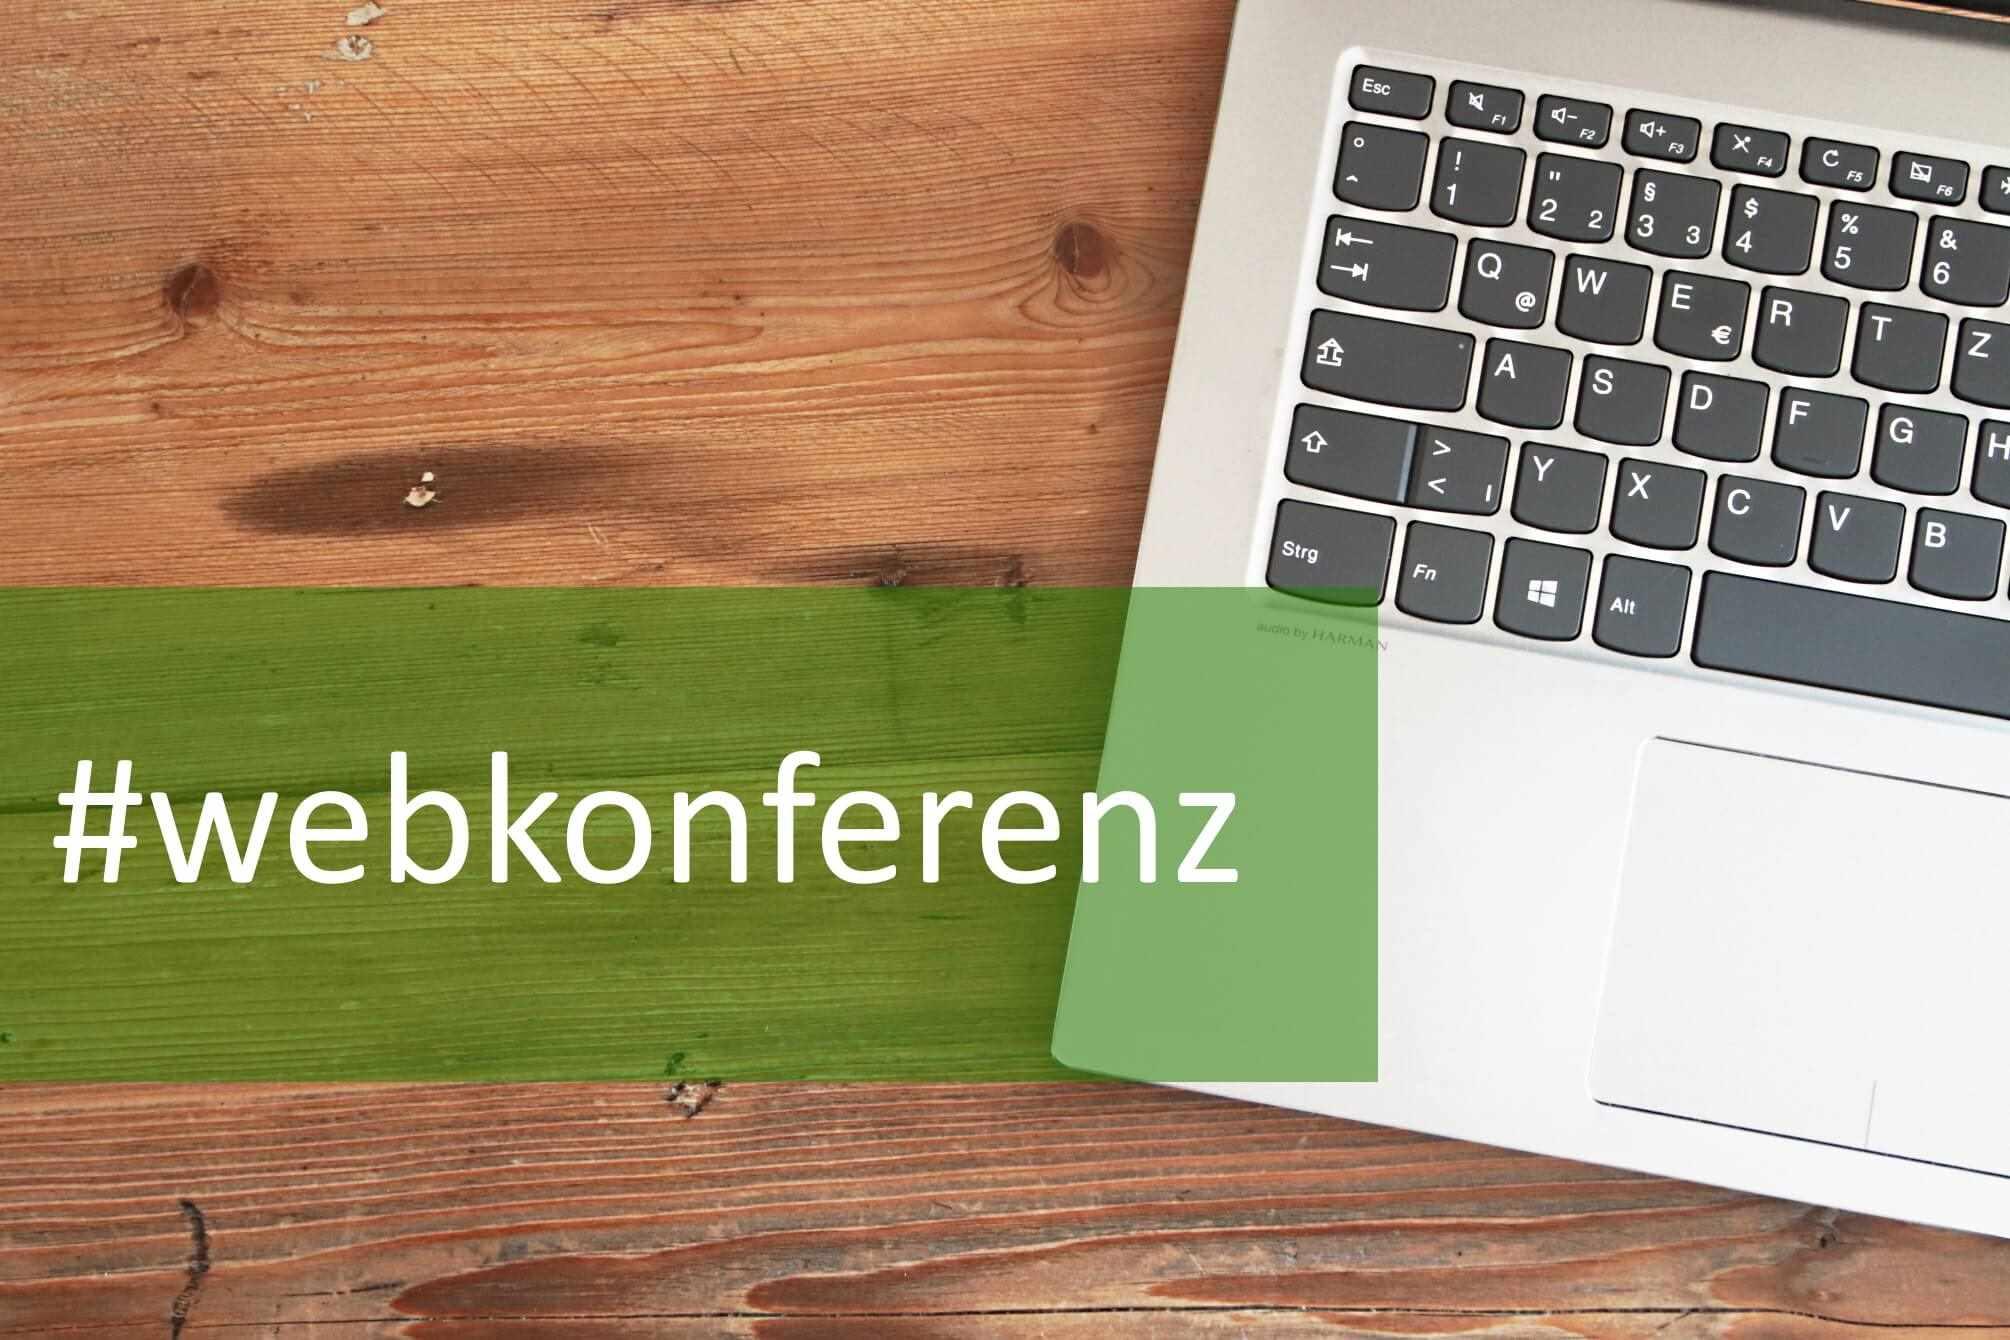 Laptop-Tastatur mit dem Hashtag Webkonferenz